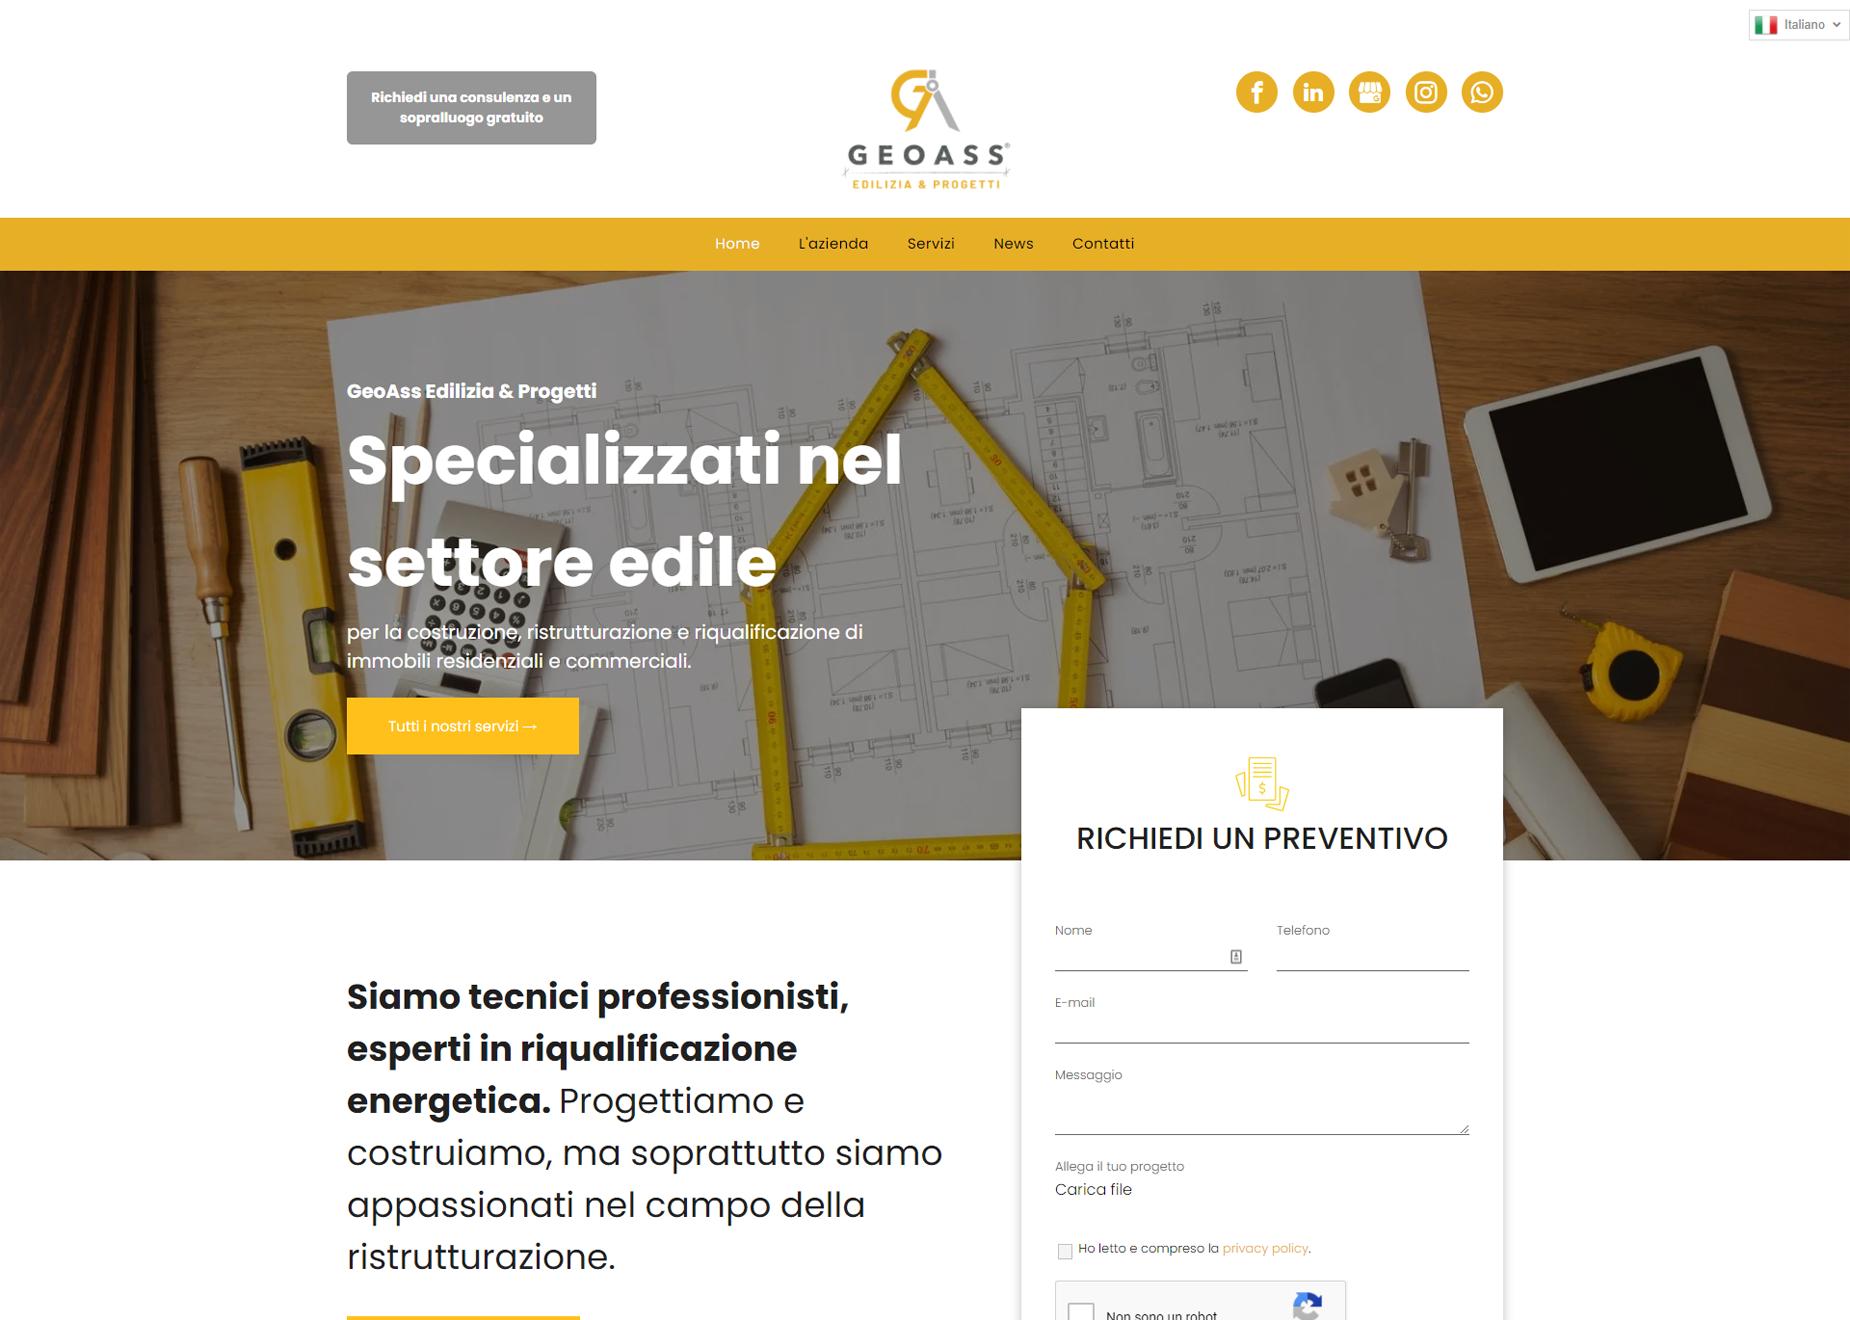 GeoAss Edilizia & Progetti